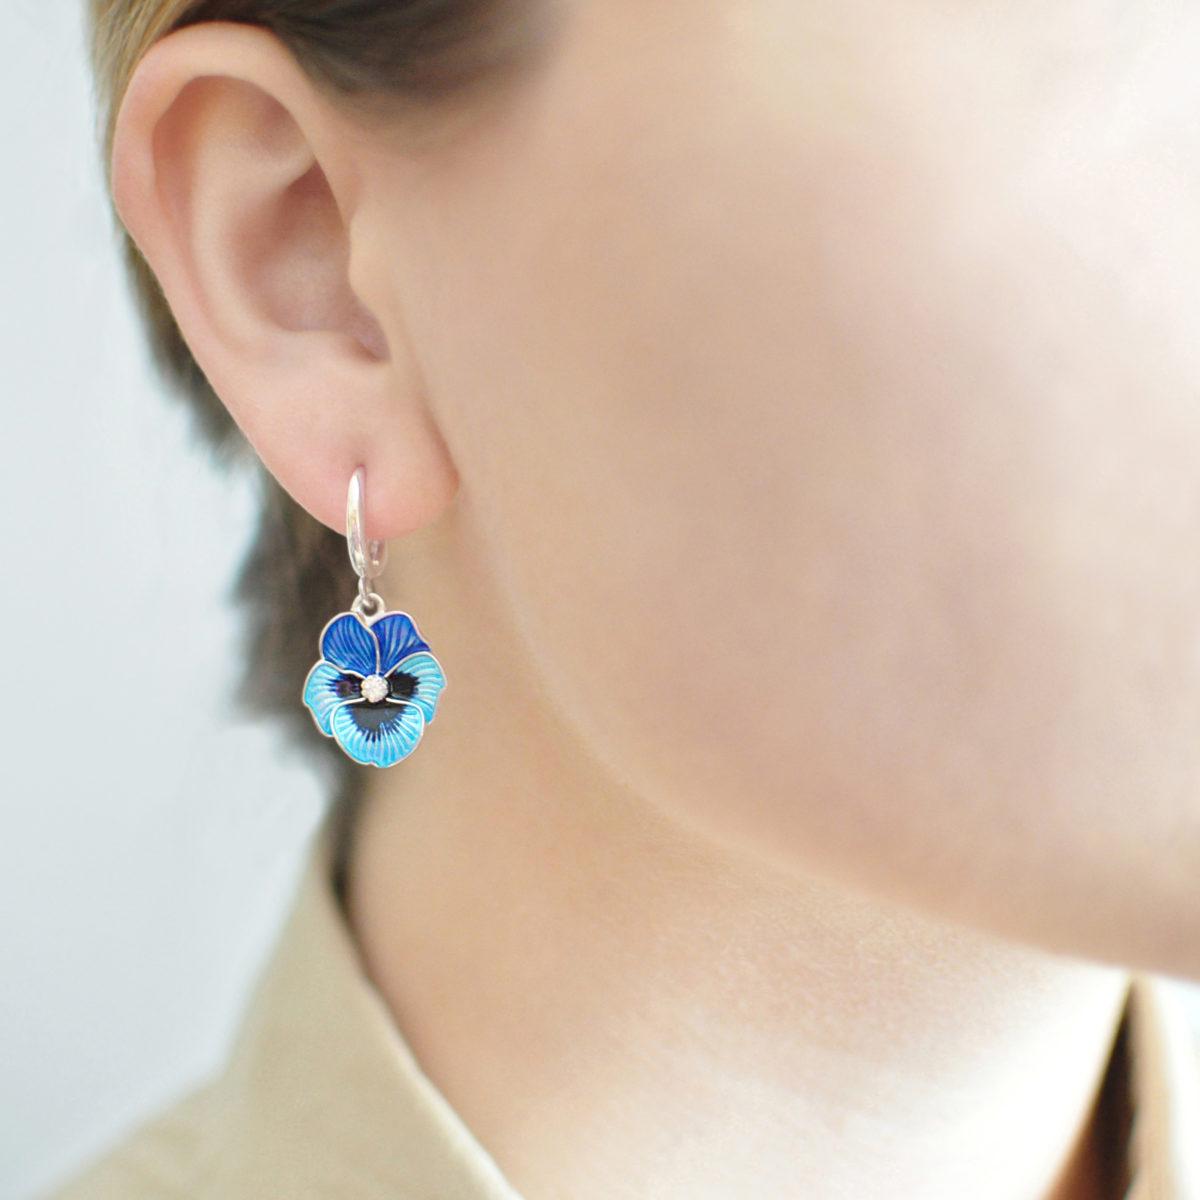 serebro golubaya 1 1200x1200 - Серьги-подвески «Анютины глазки», голубые